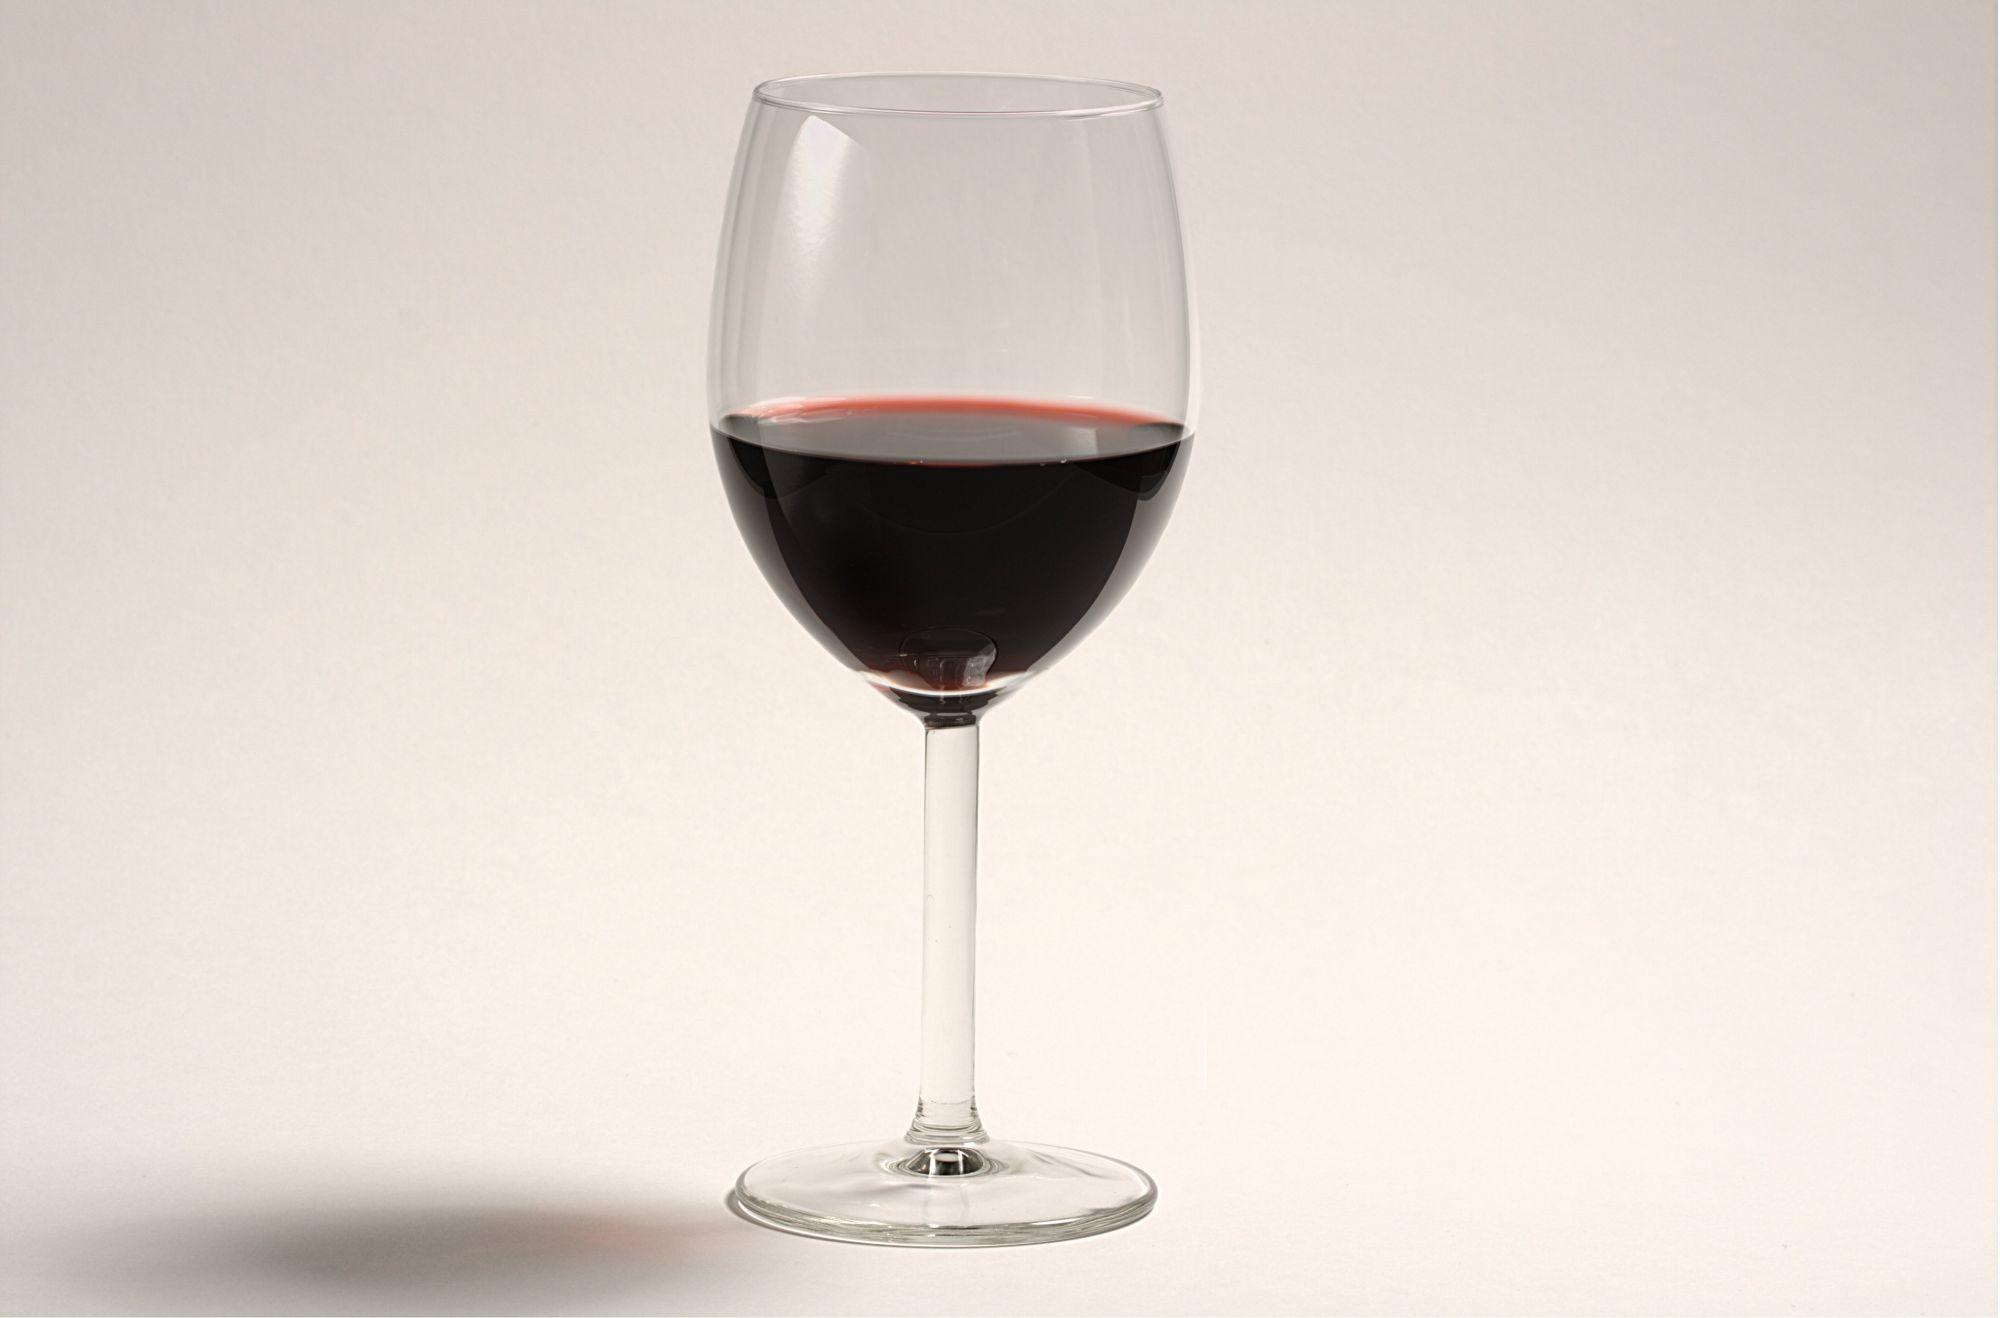 Amateur de vins : j'adore les vins du terroir Français